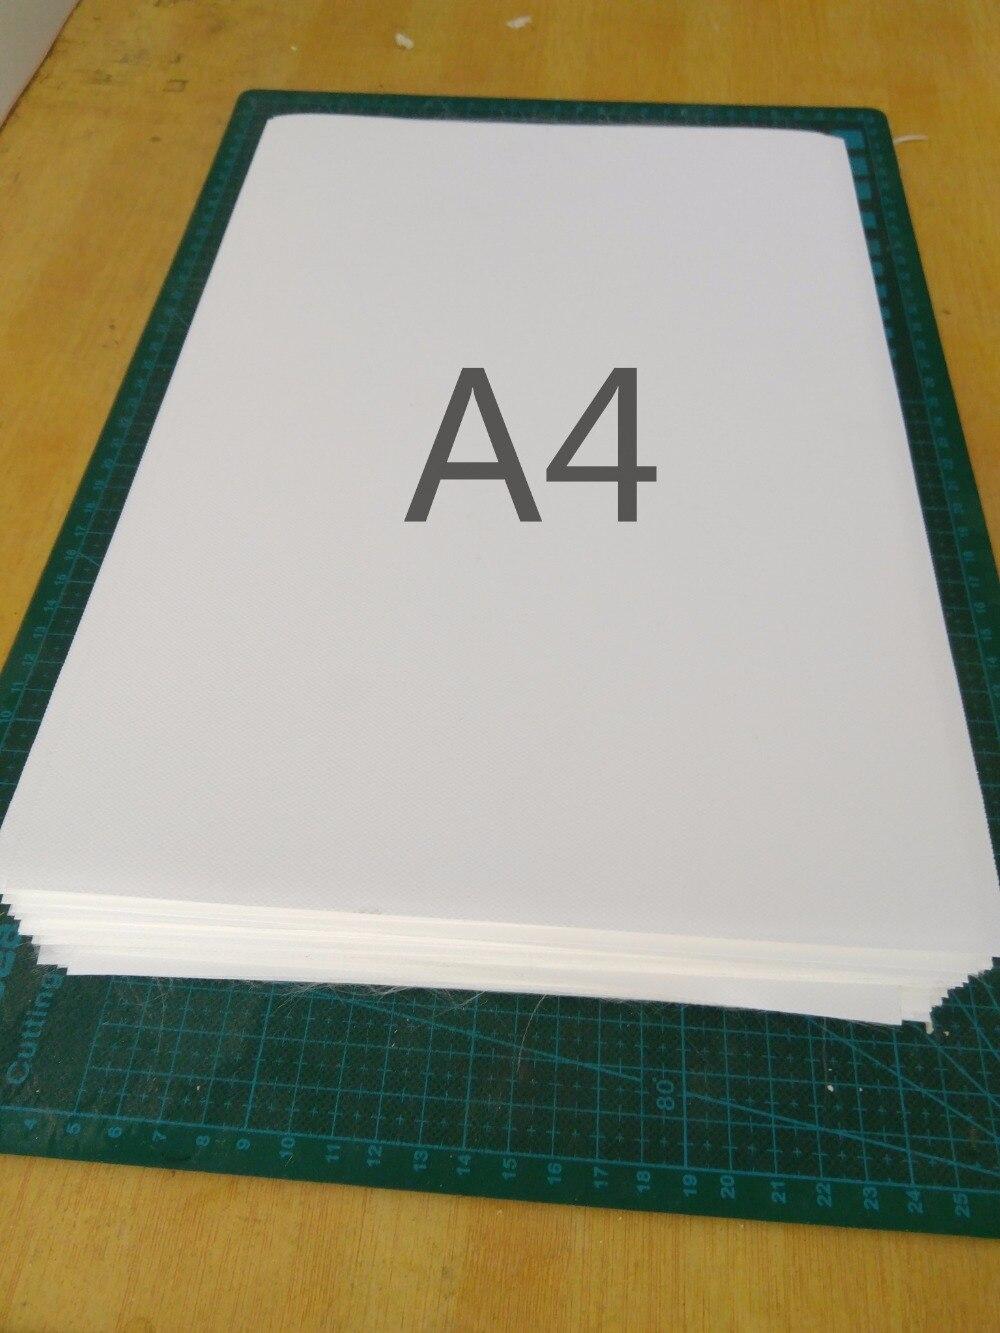 [해외]좋은 품질 방수 폴리 에스터 사진 인쇄 캔버스 a4 크기 도매 100 조각/좋은 품질 방수 폴리 에스터 사진 인쇄 캔버스 a4 크기 도매 100 조각